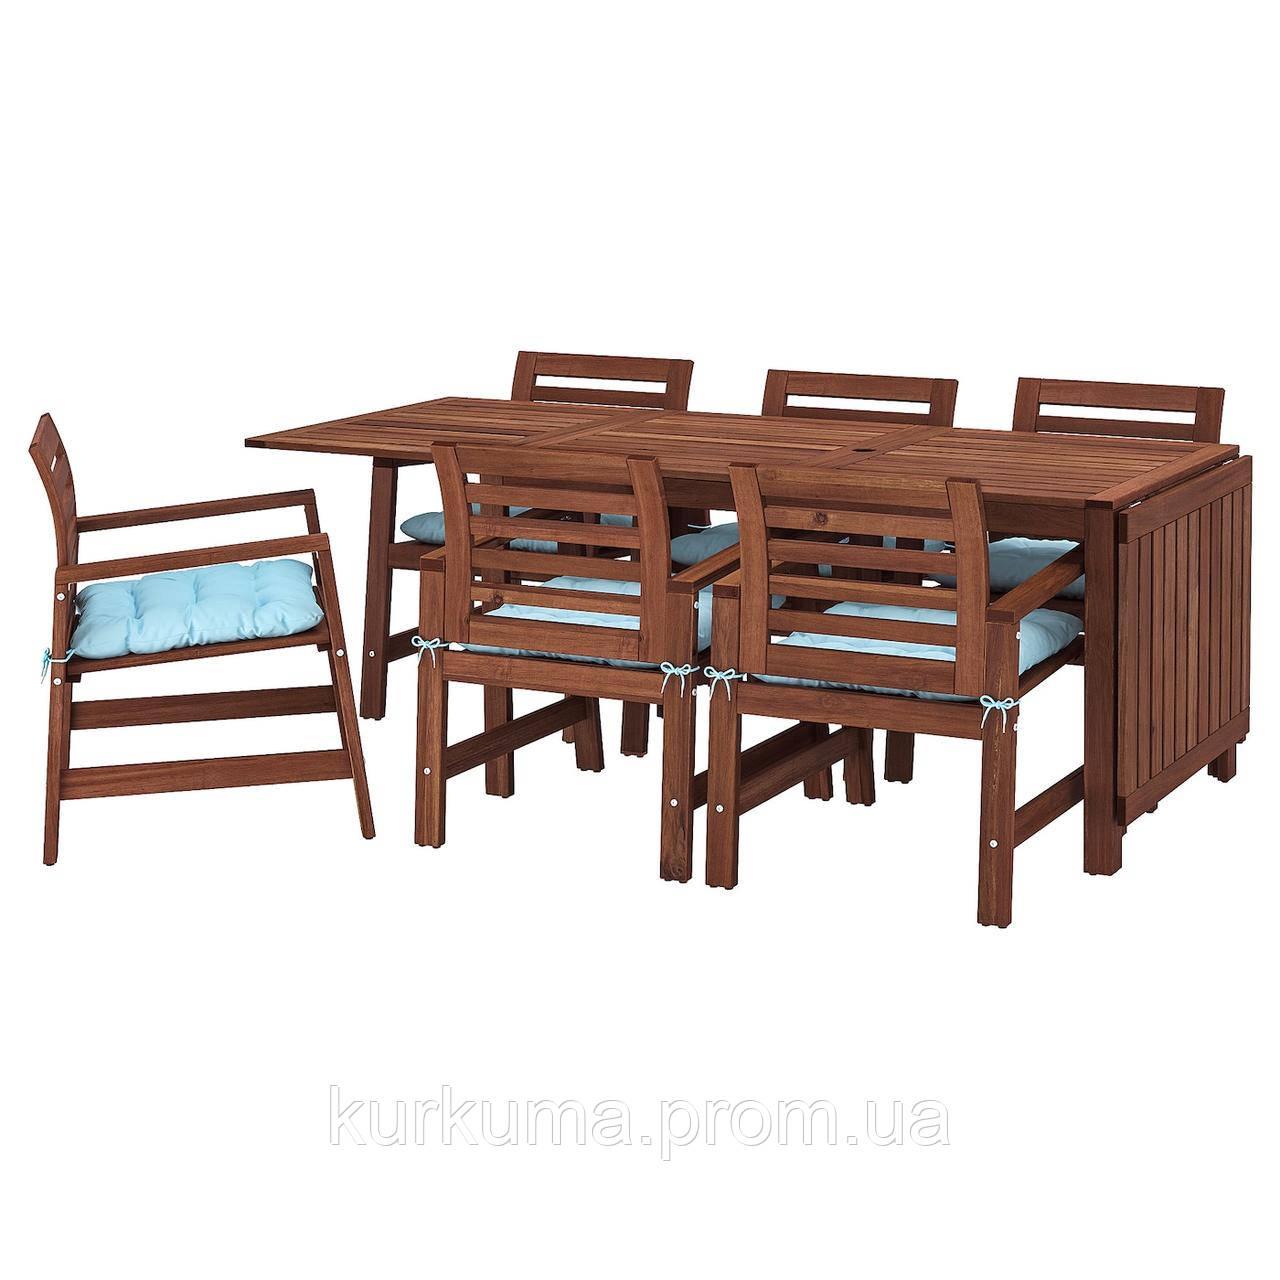 IKEA APPLARO Садовый стол и 6 стульев, коричневый окрашенных, (392.896.89)